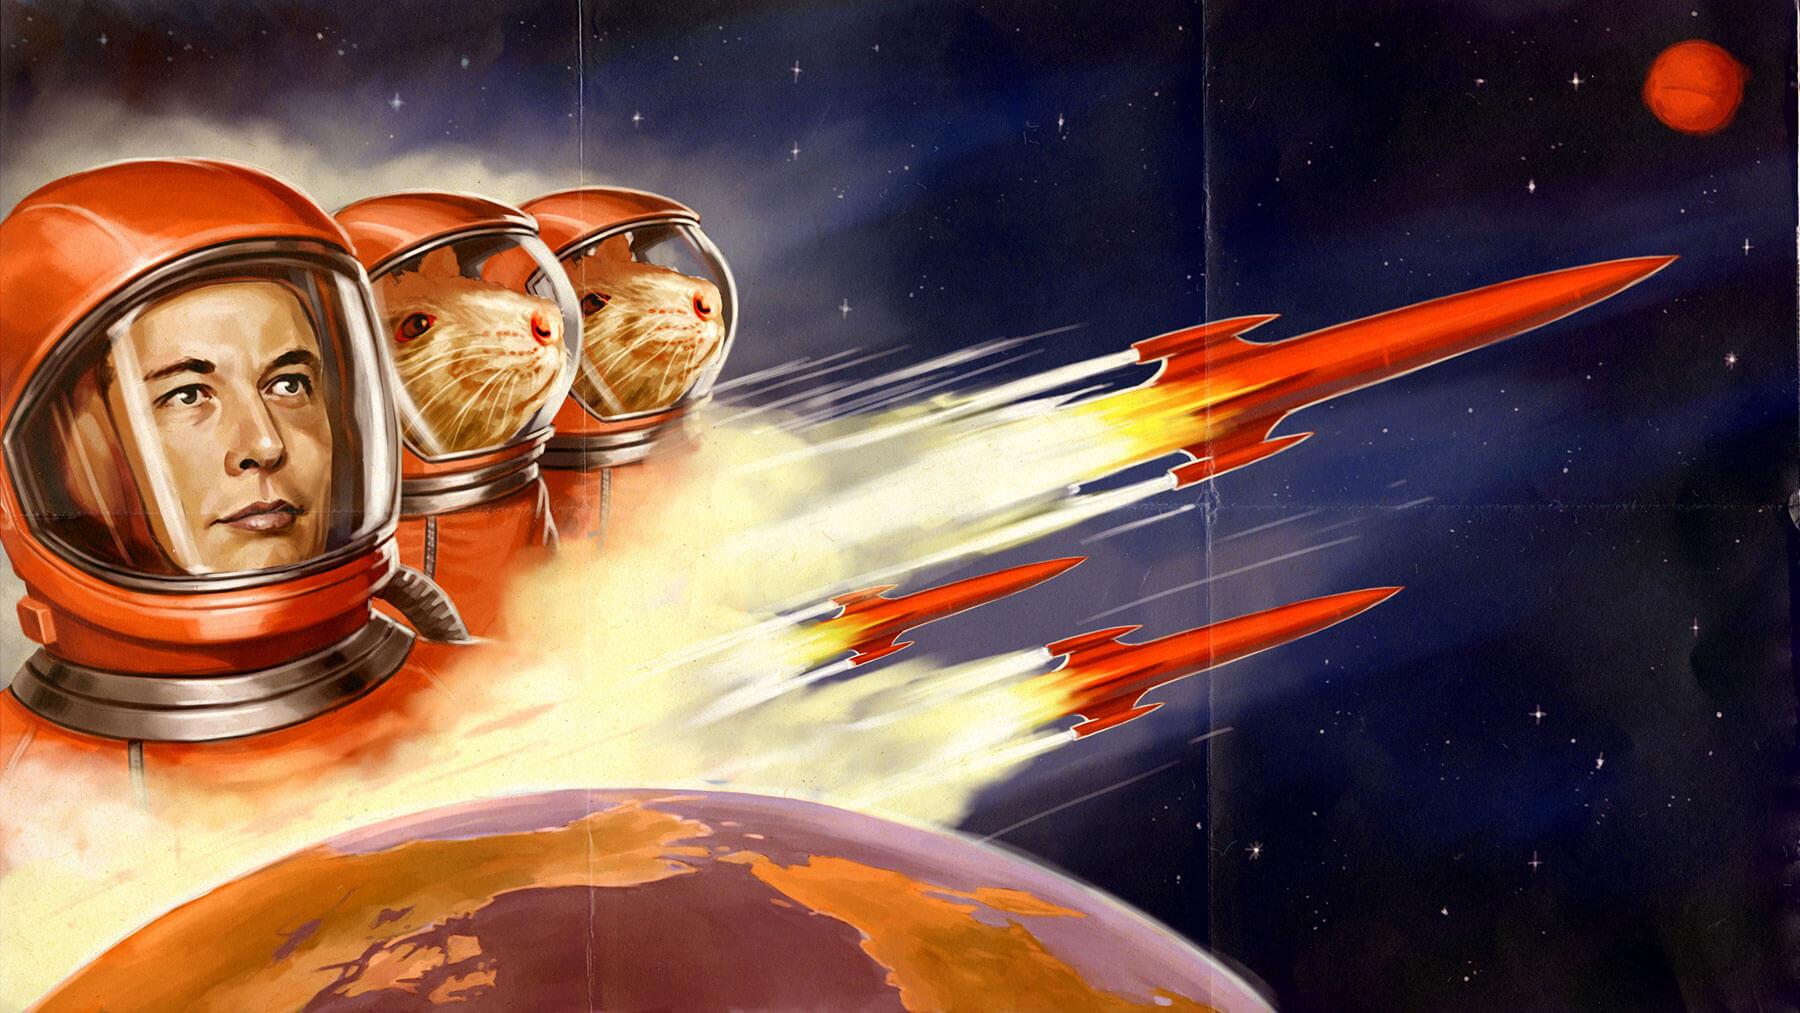 Илон Маск переедет на Марс. И, возможно, умрет